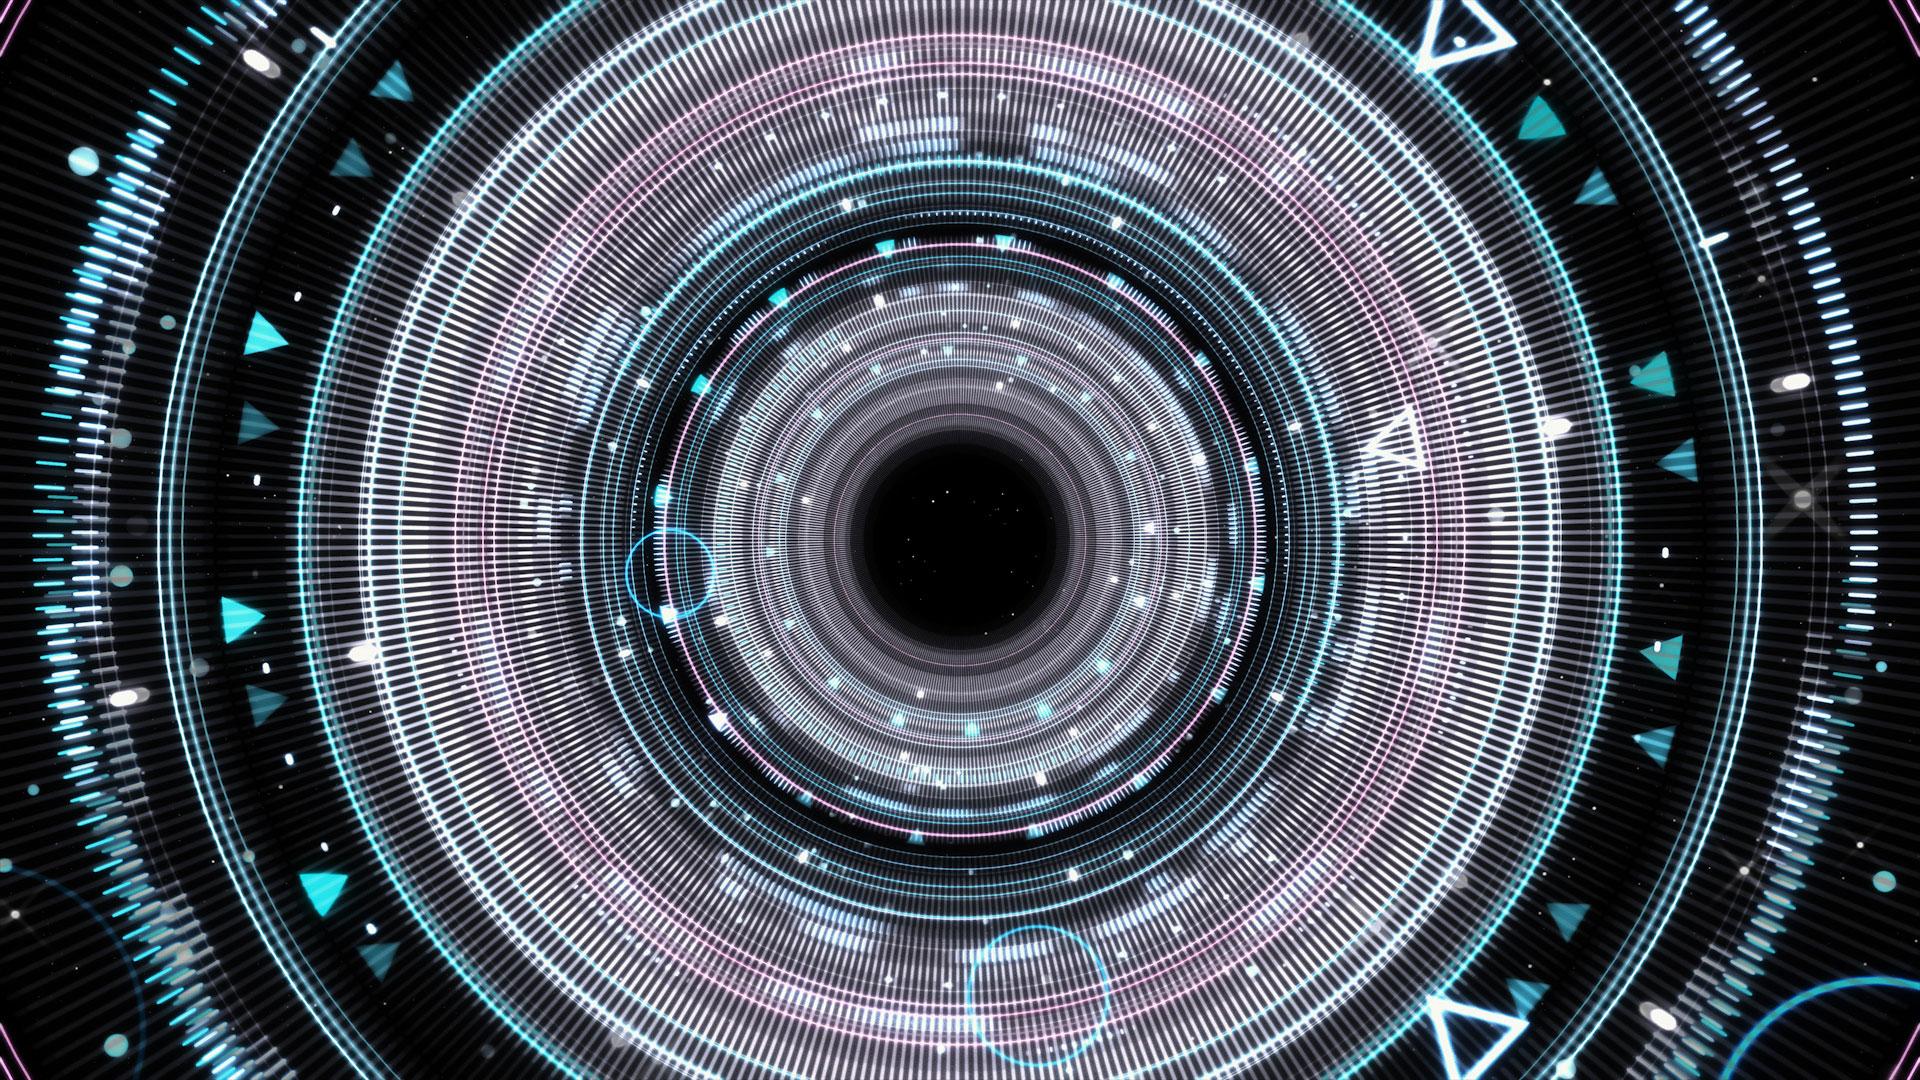 KZ_Cyberspace_10_Still004